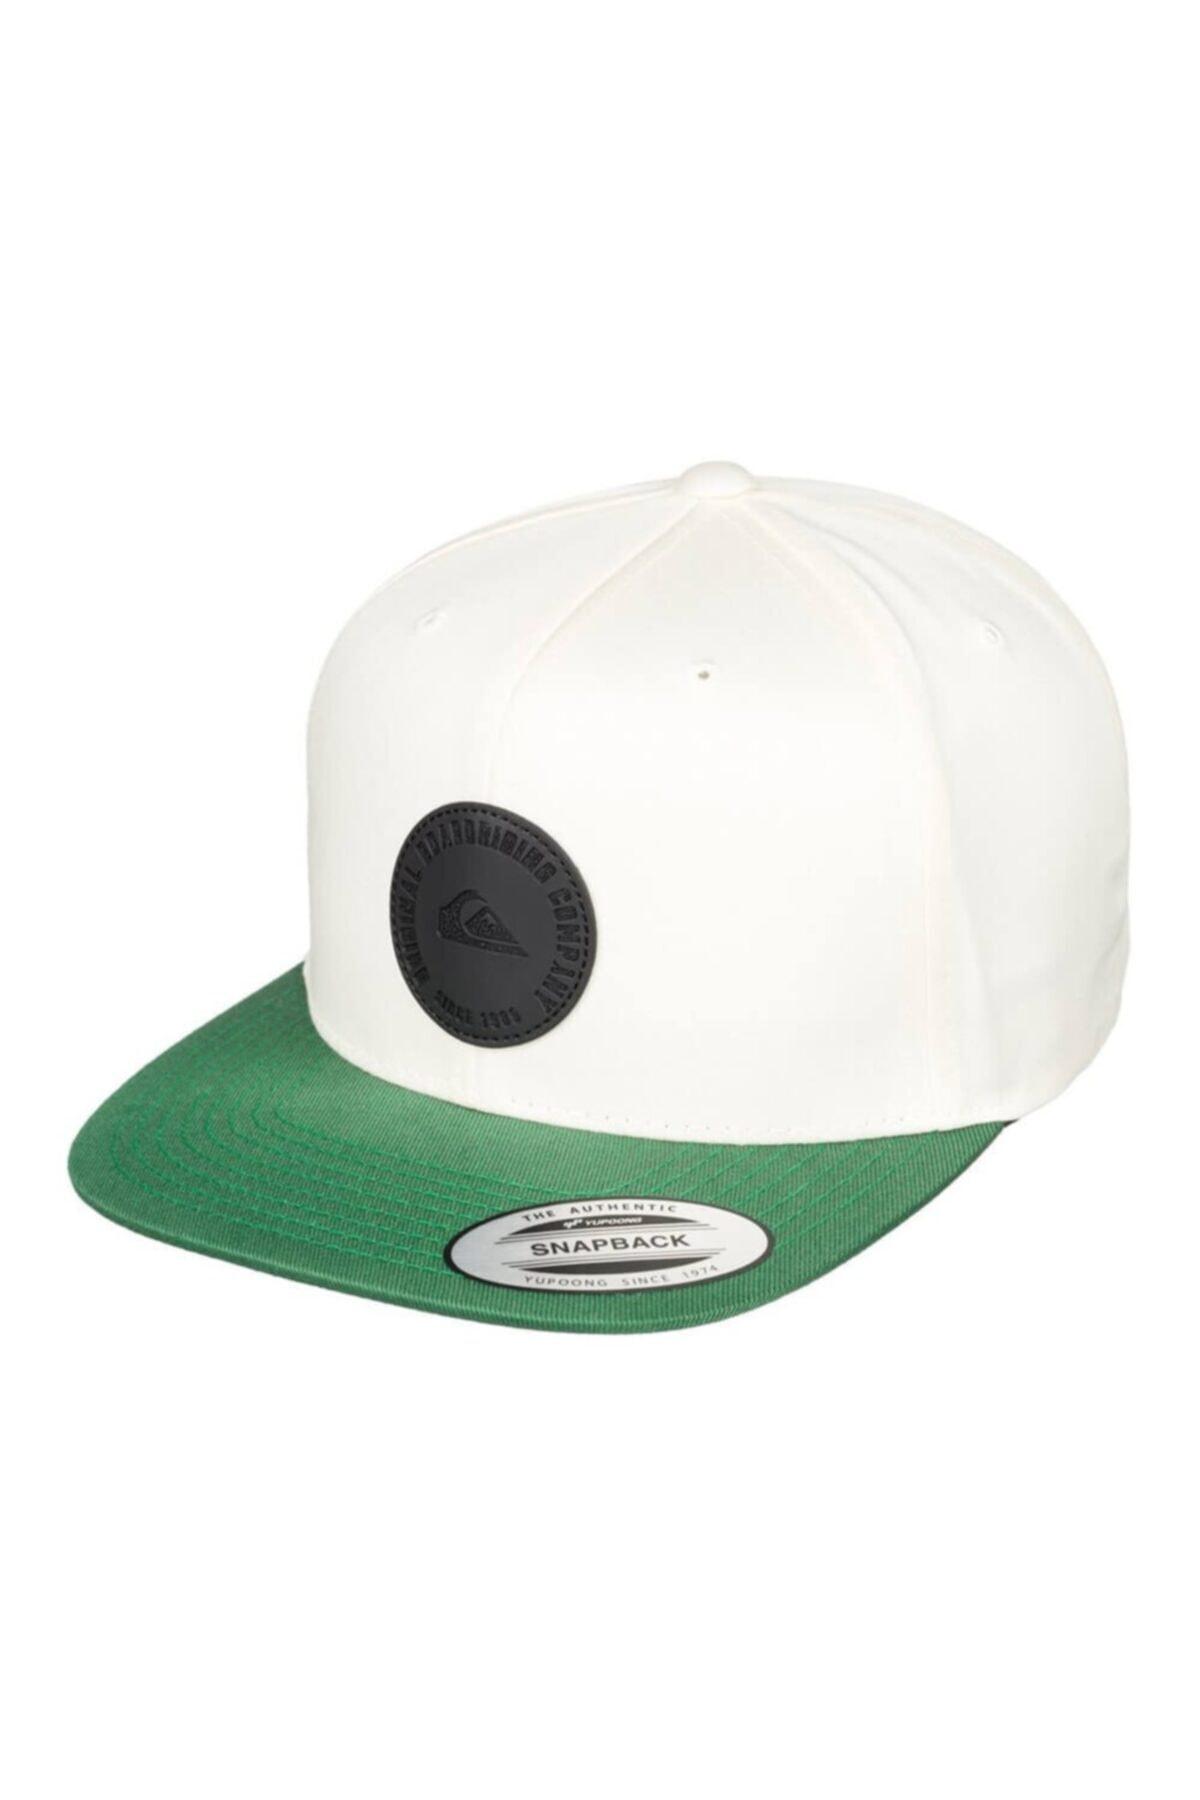 Quiksilver Unisex Beyaz Şapka Şapkaaqyha04311 1